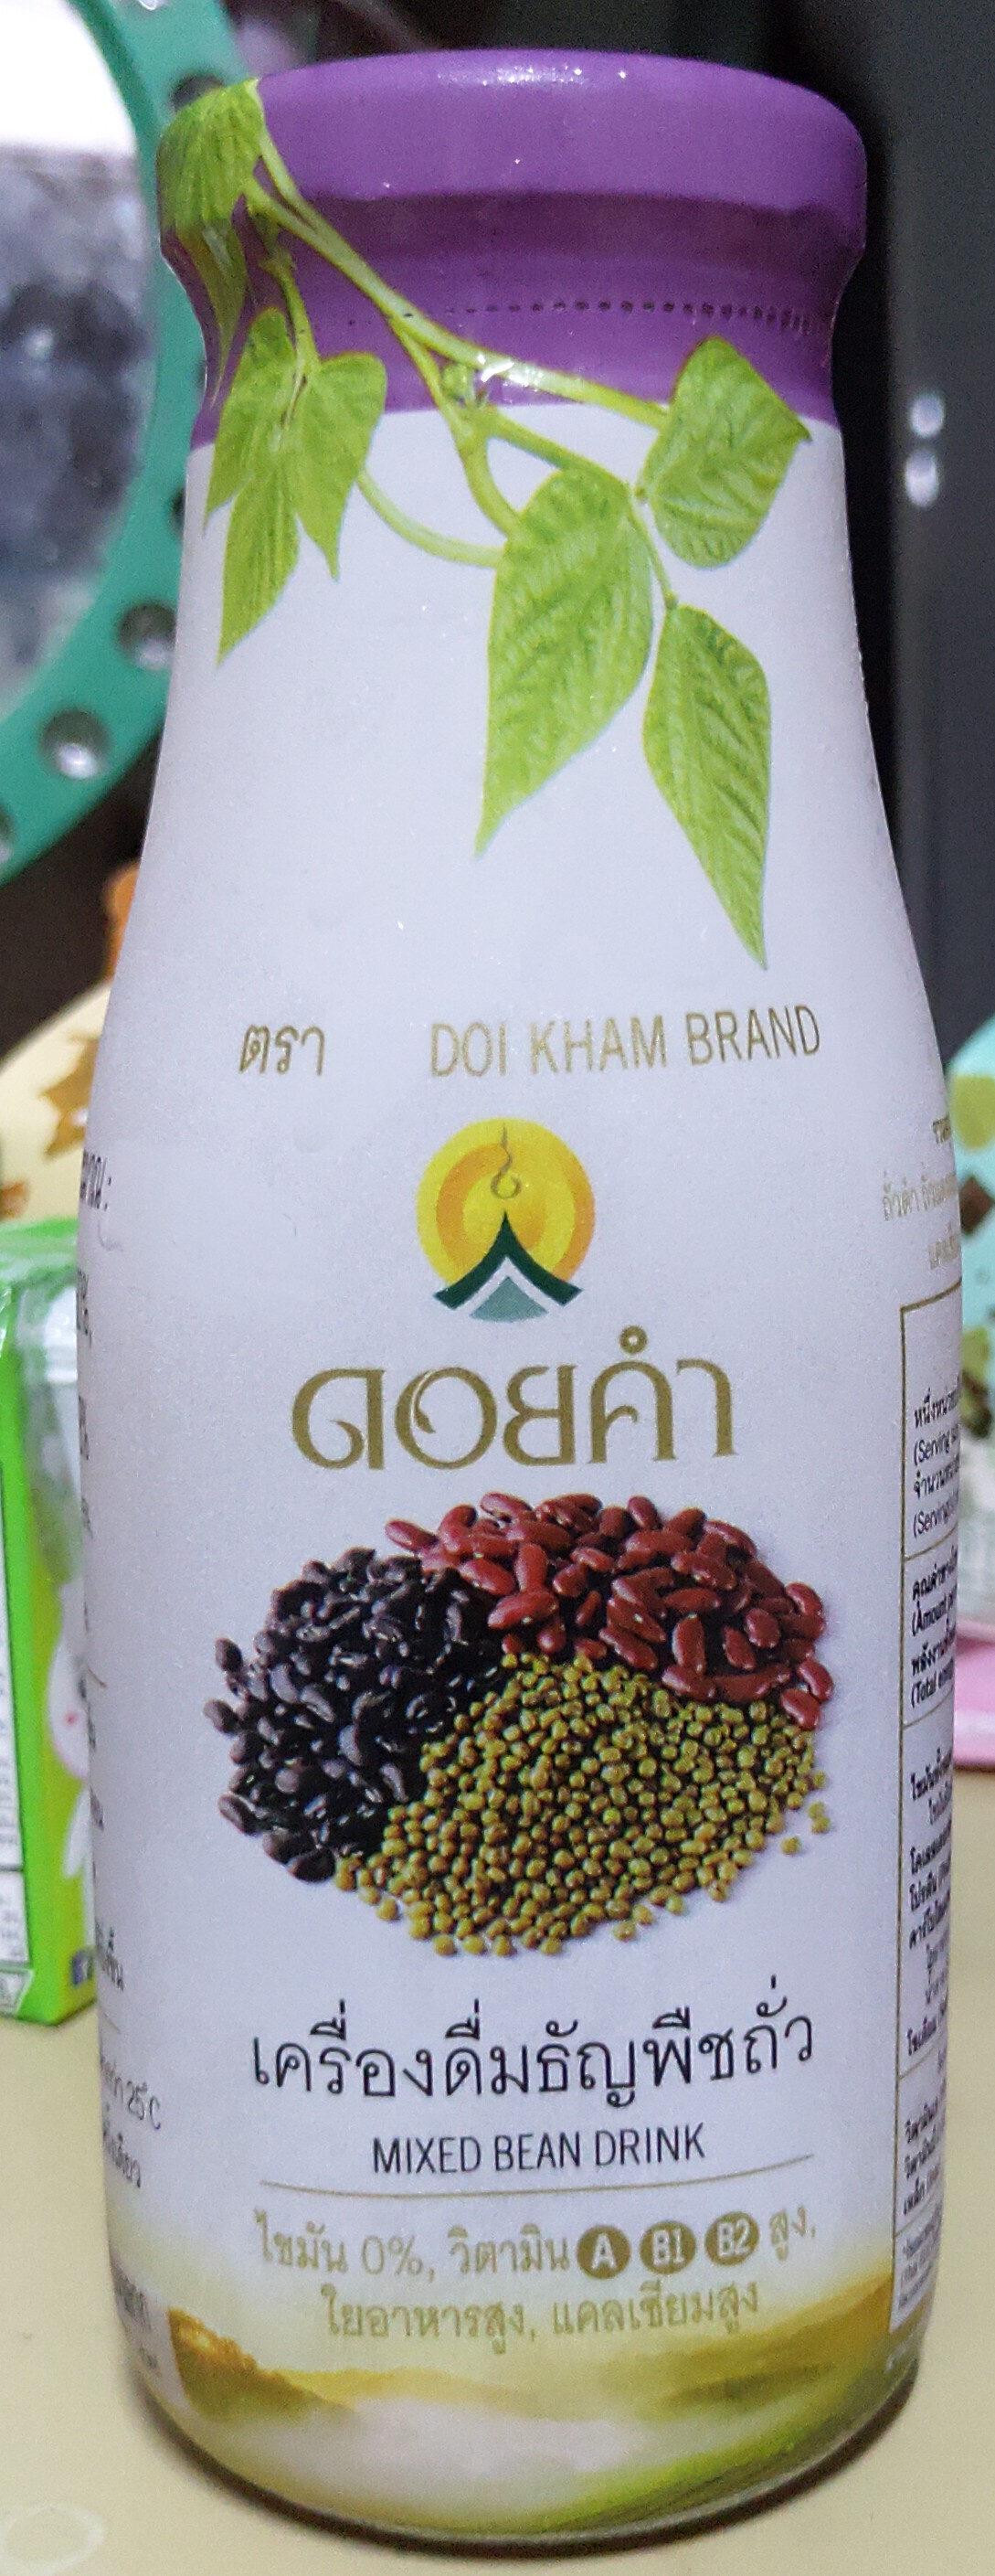 เครื่องดื่มธัญพืชถั่ว - Product - th